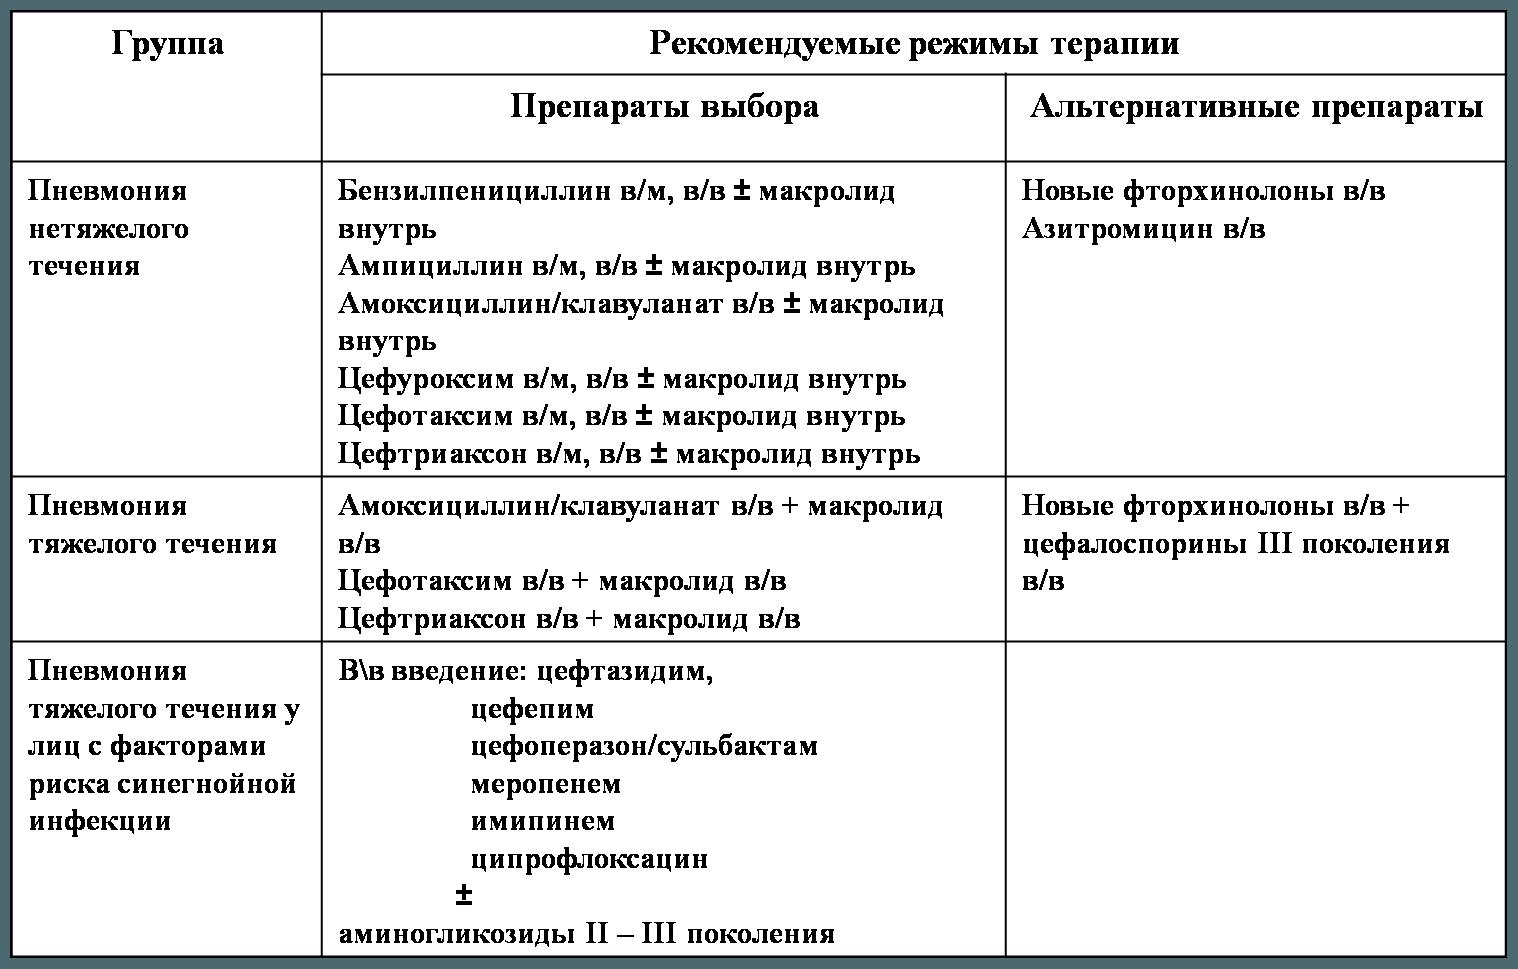 Как распознать бессимптомную пневмонию? | pnevmonya.ru